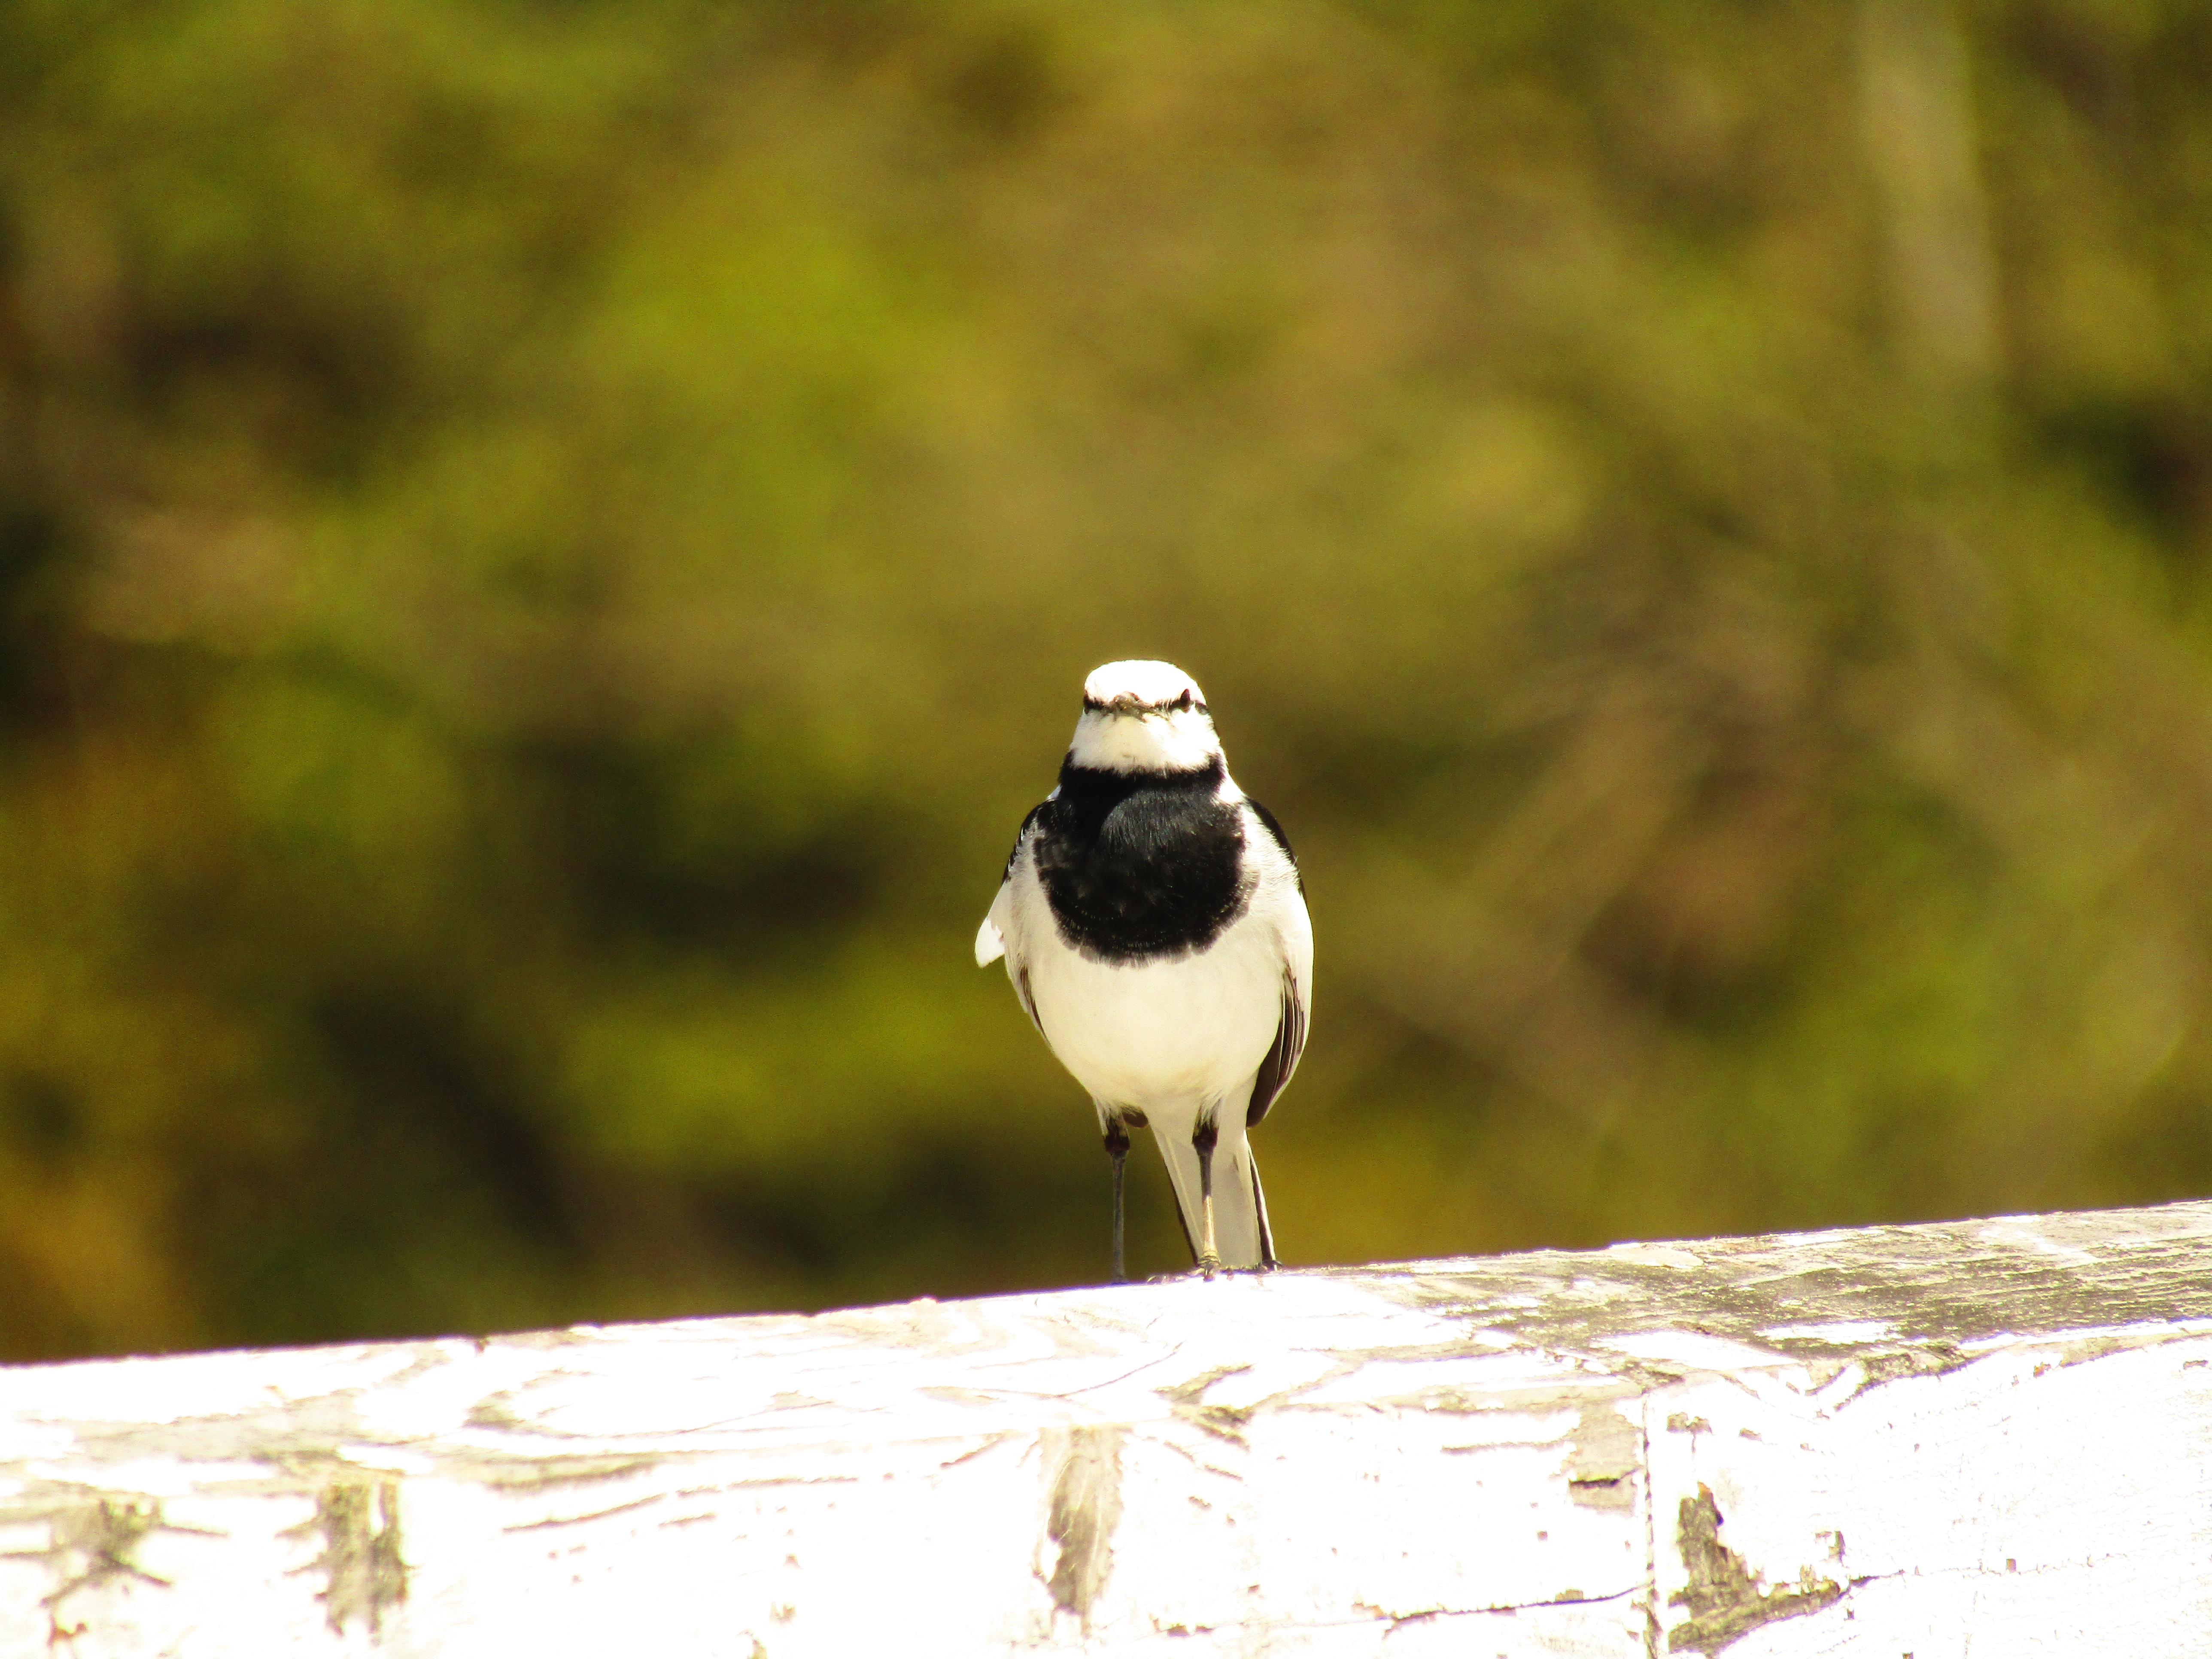 鳴き声 ハクセキレイ 【即日対応・見積無料など】セキレイとはどんな害鳥?生態や被害が起こる原因などを解説